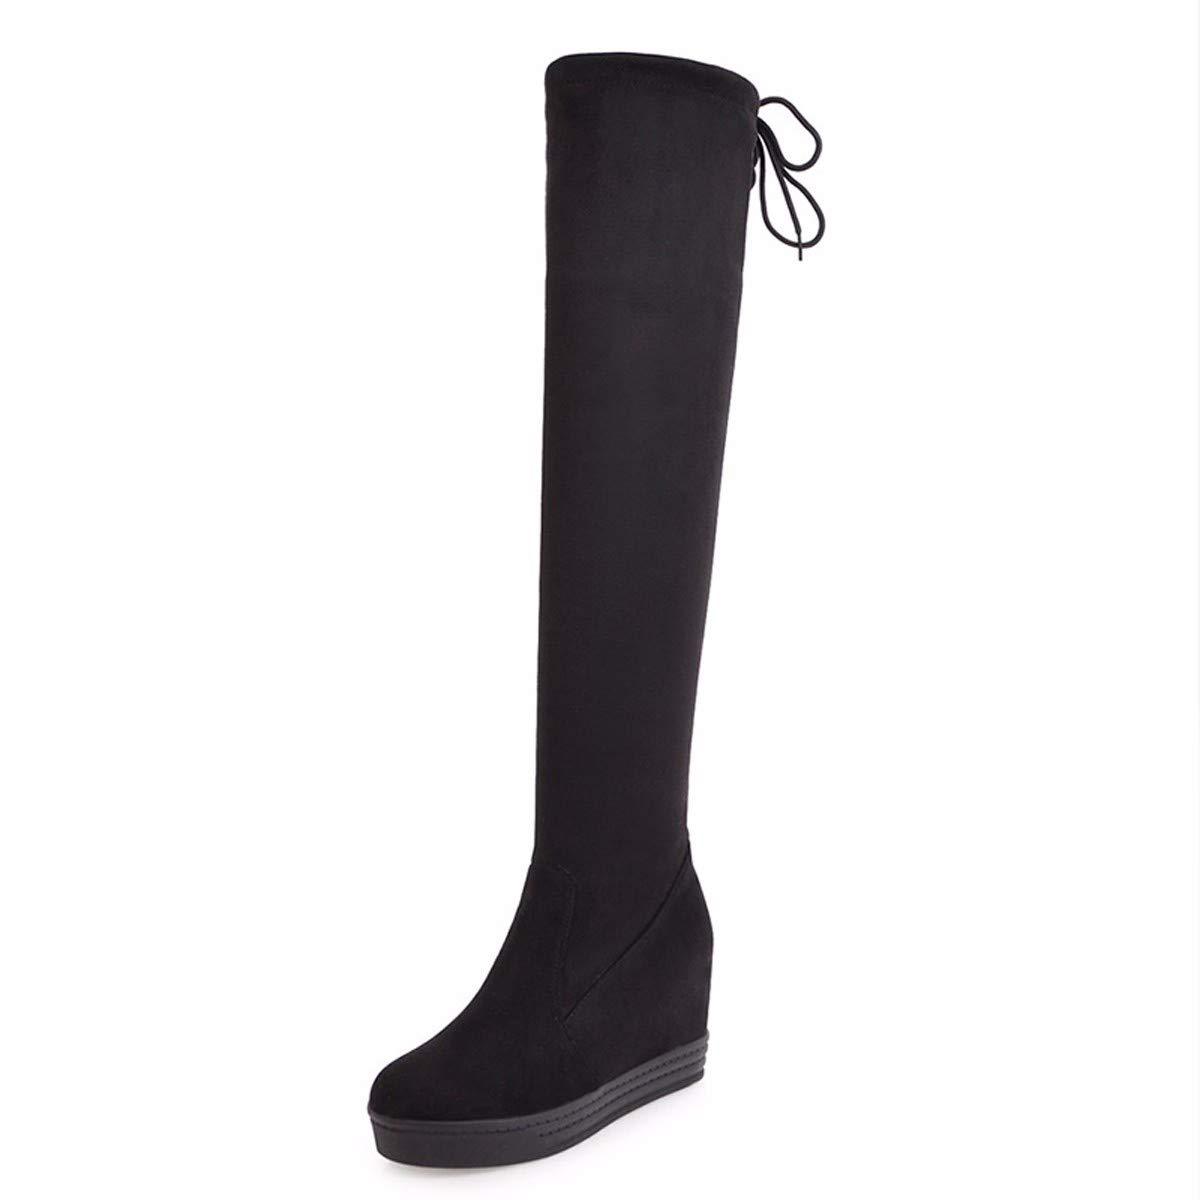 LBTSQ Damenschuhe Wasserdichte Plattform Dicke Hintern Heel 9Cm Elastische Schuhe Mode Schleif - Knie - Slim Hinten Spitzen Innere Erhöhen Stiefel